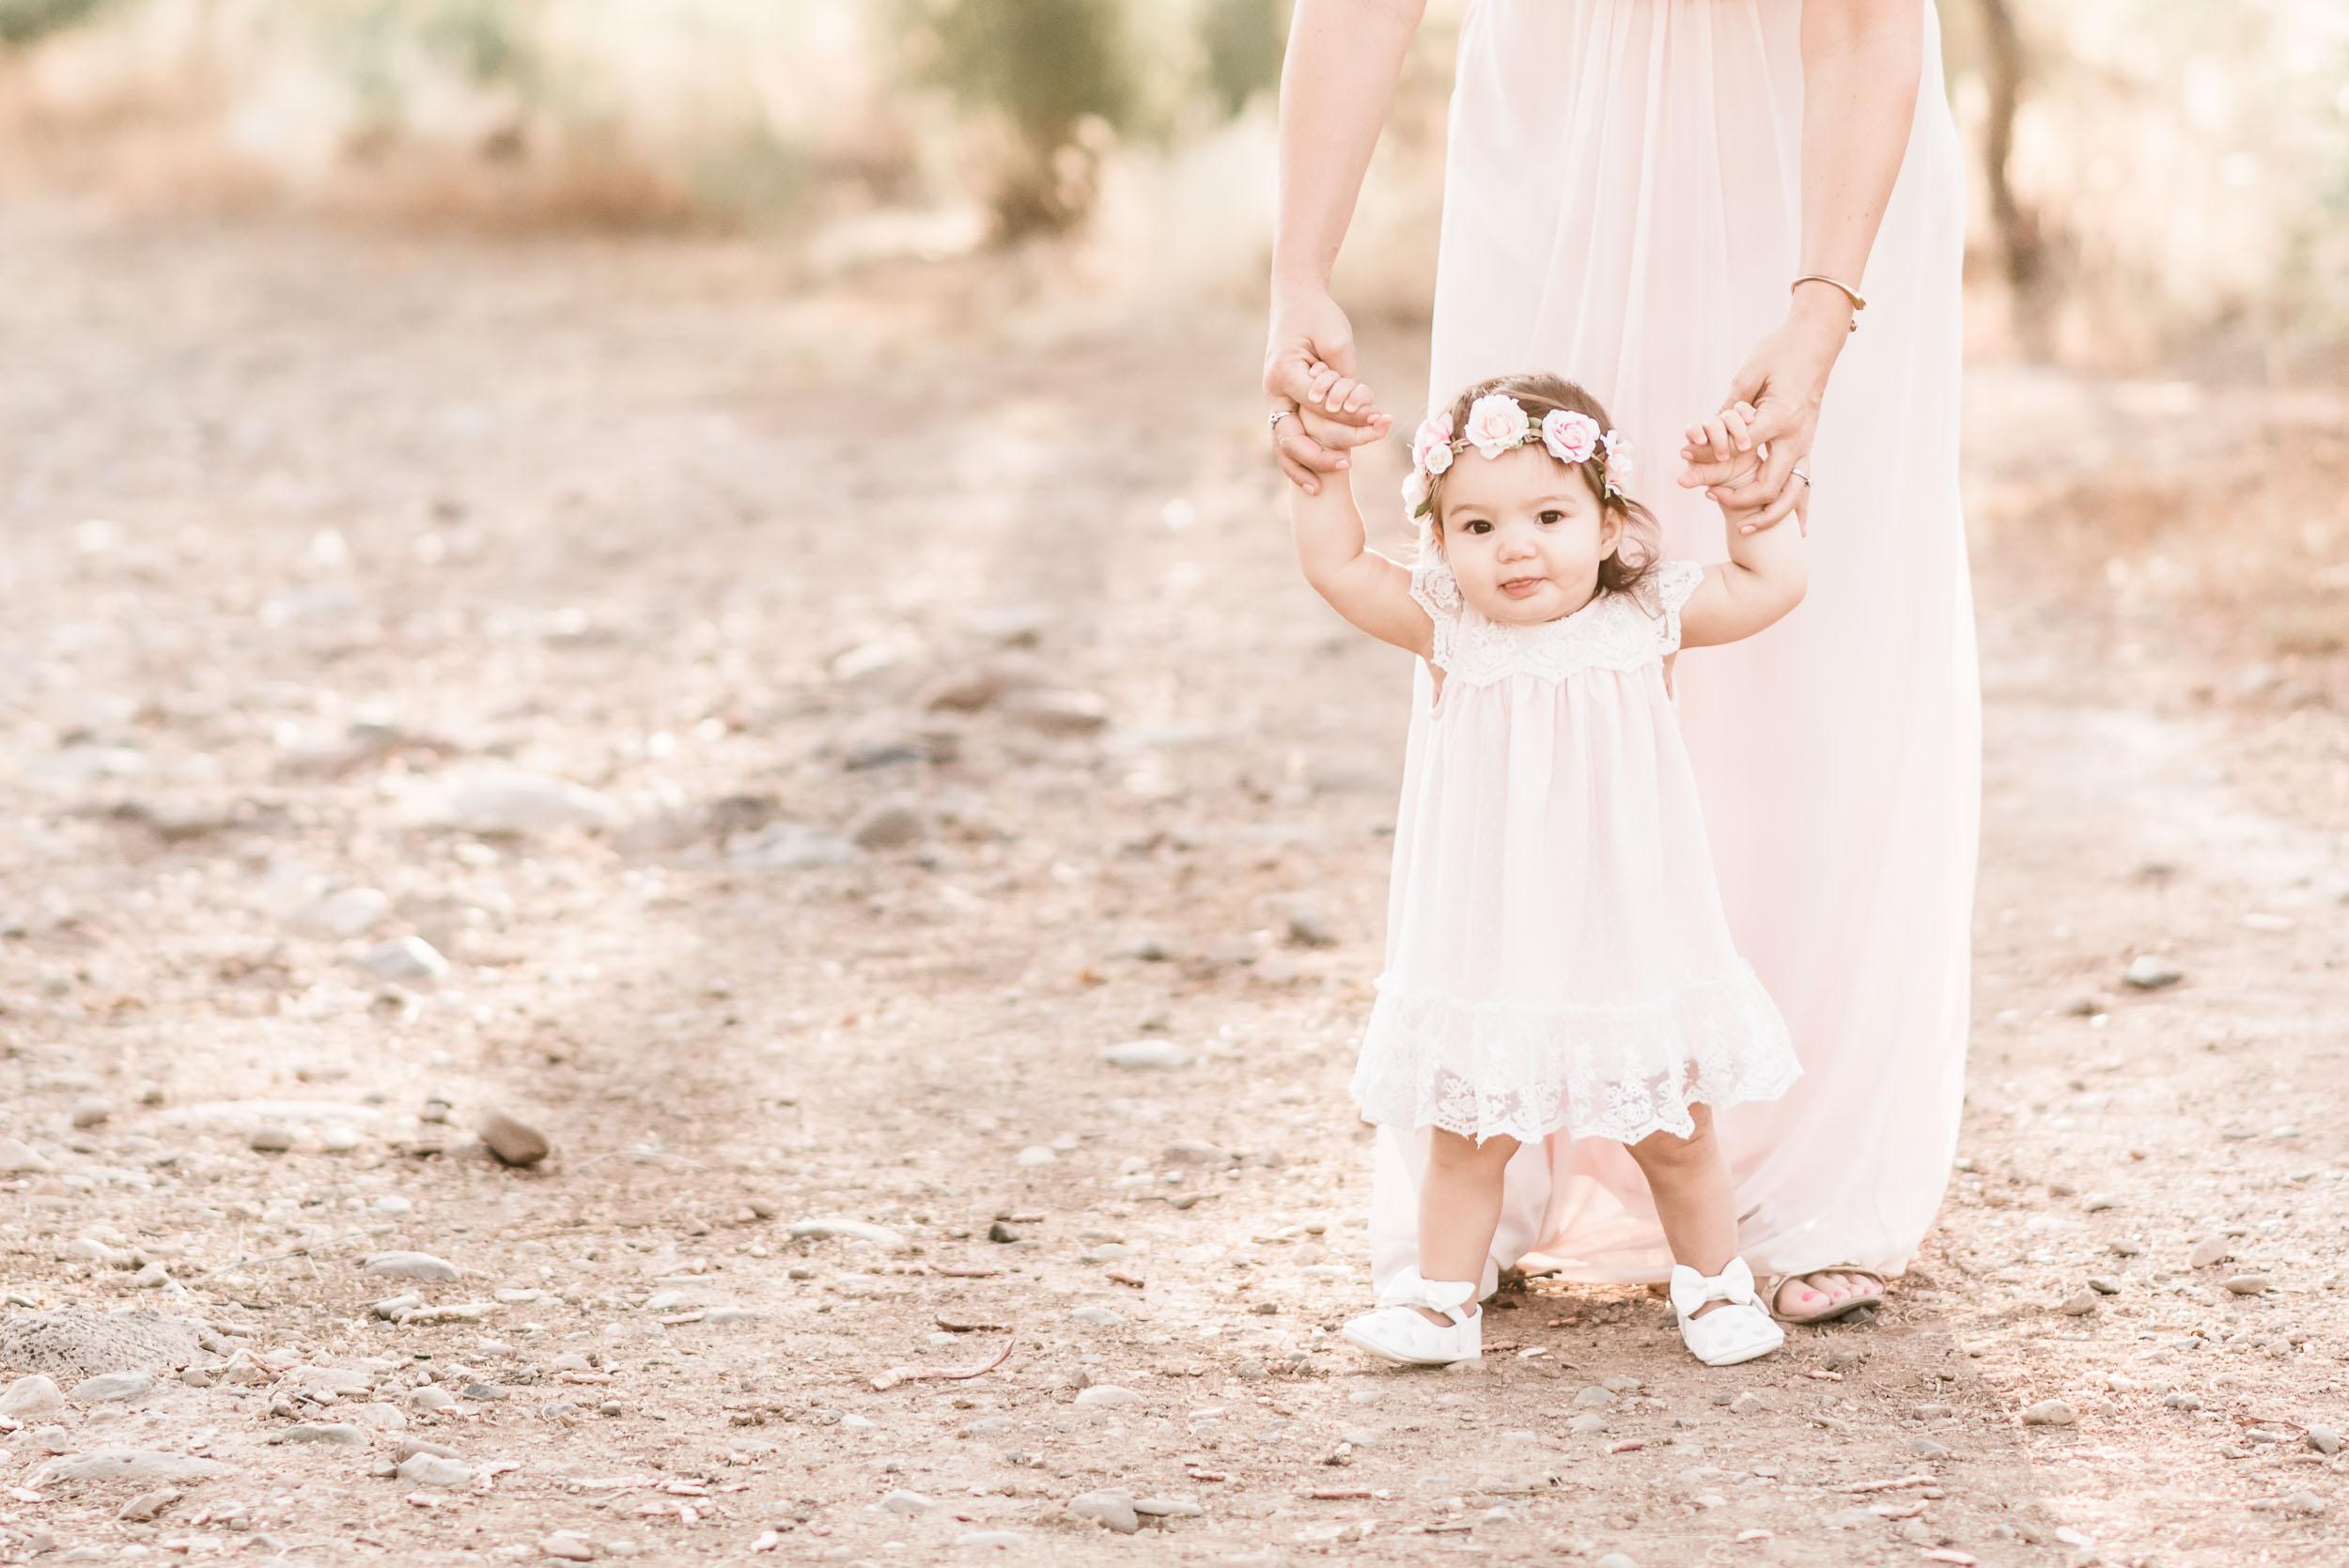 RachaelLaynePhotography_SCfamilyphotographer15.jpg